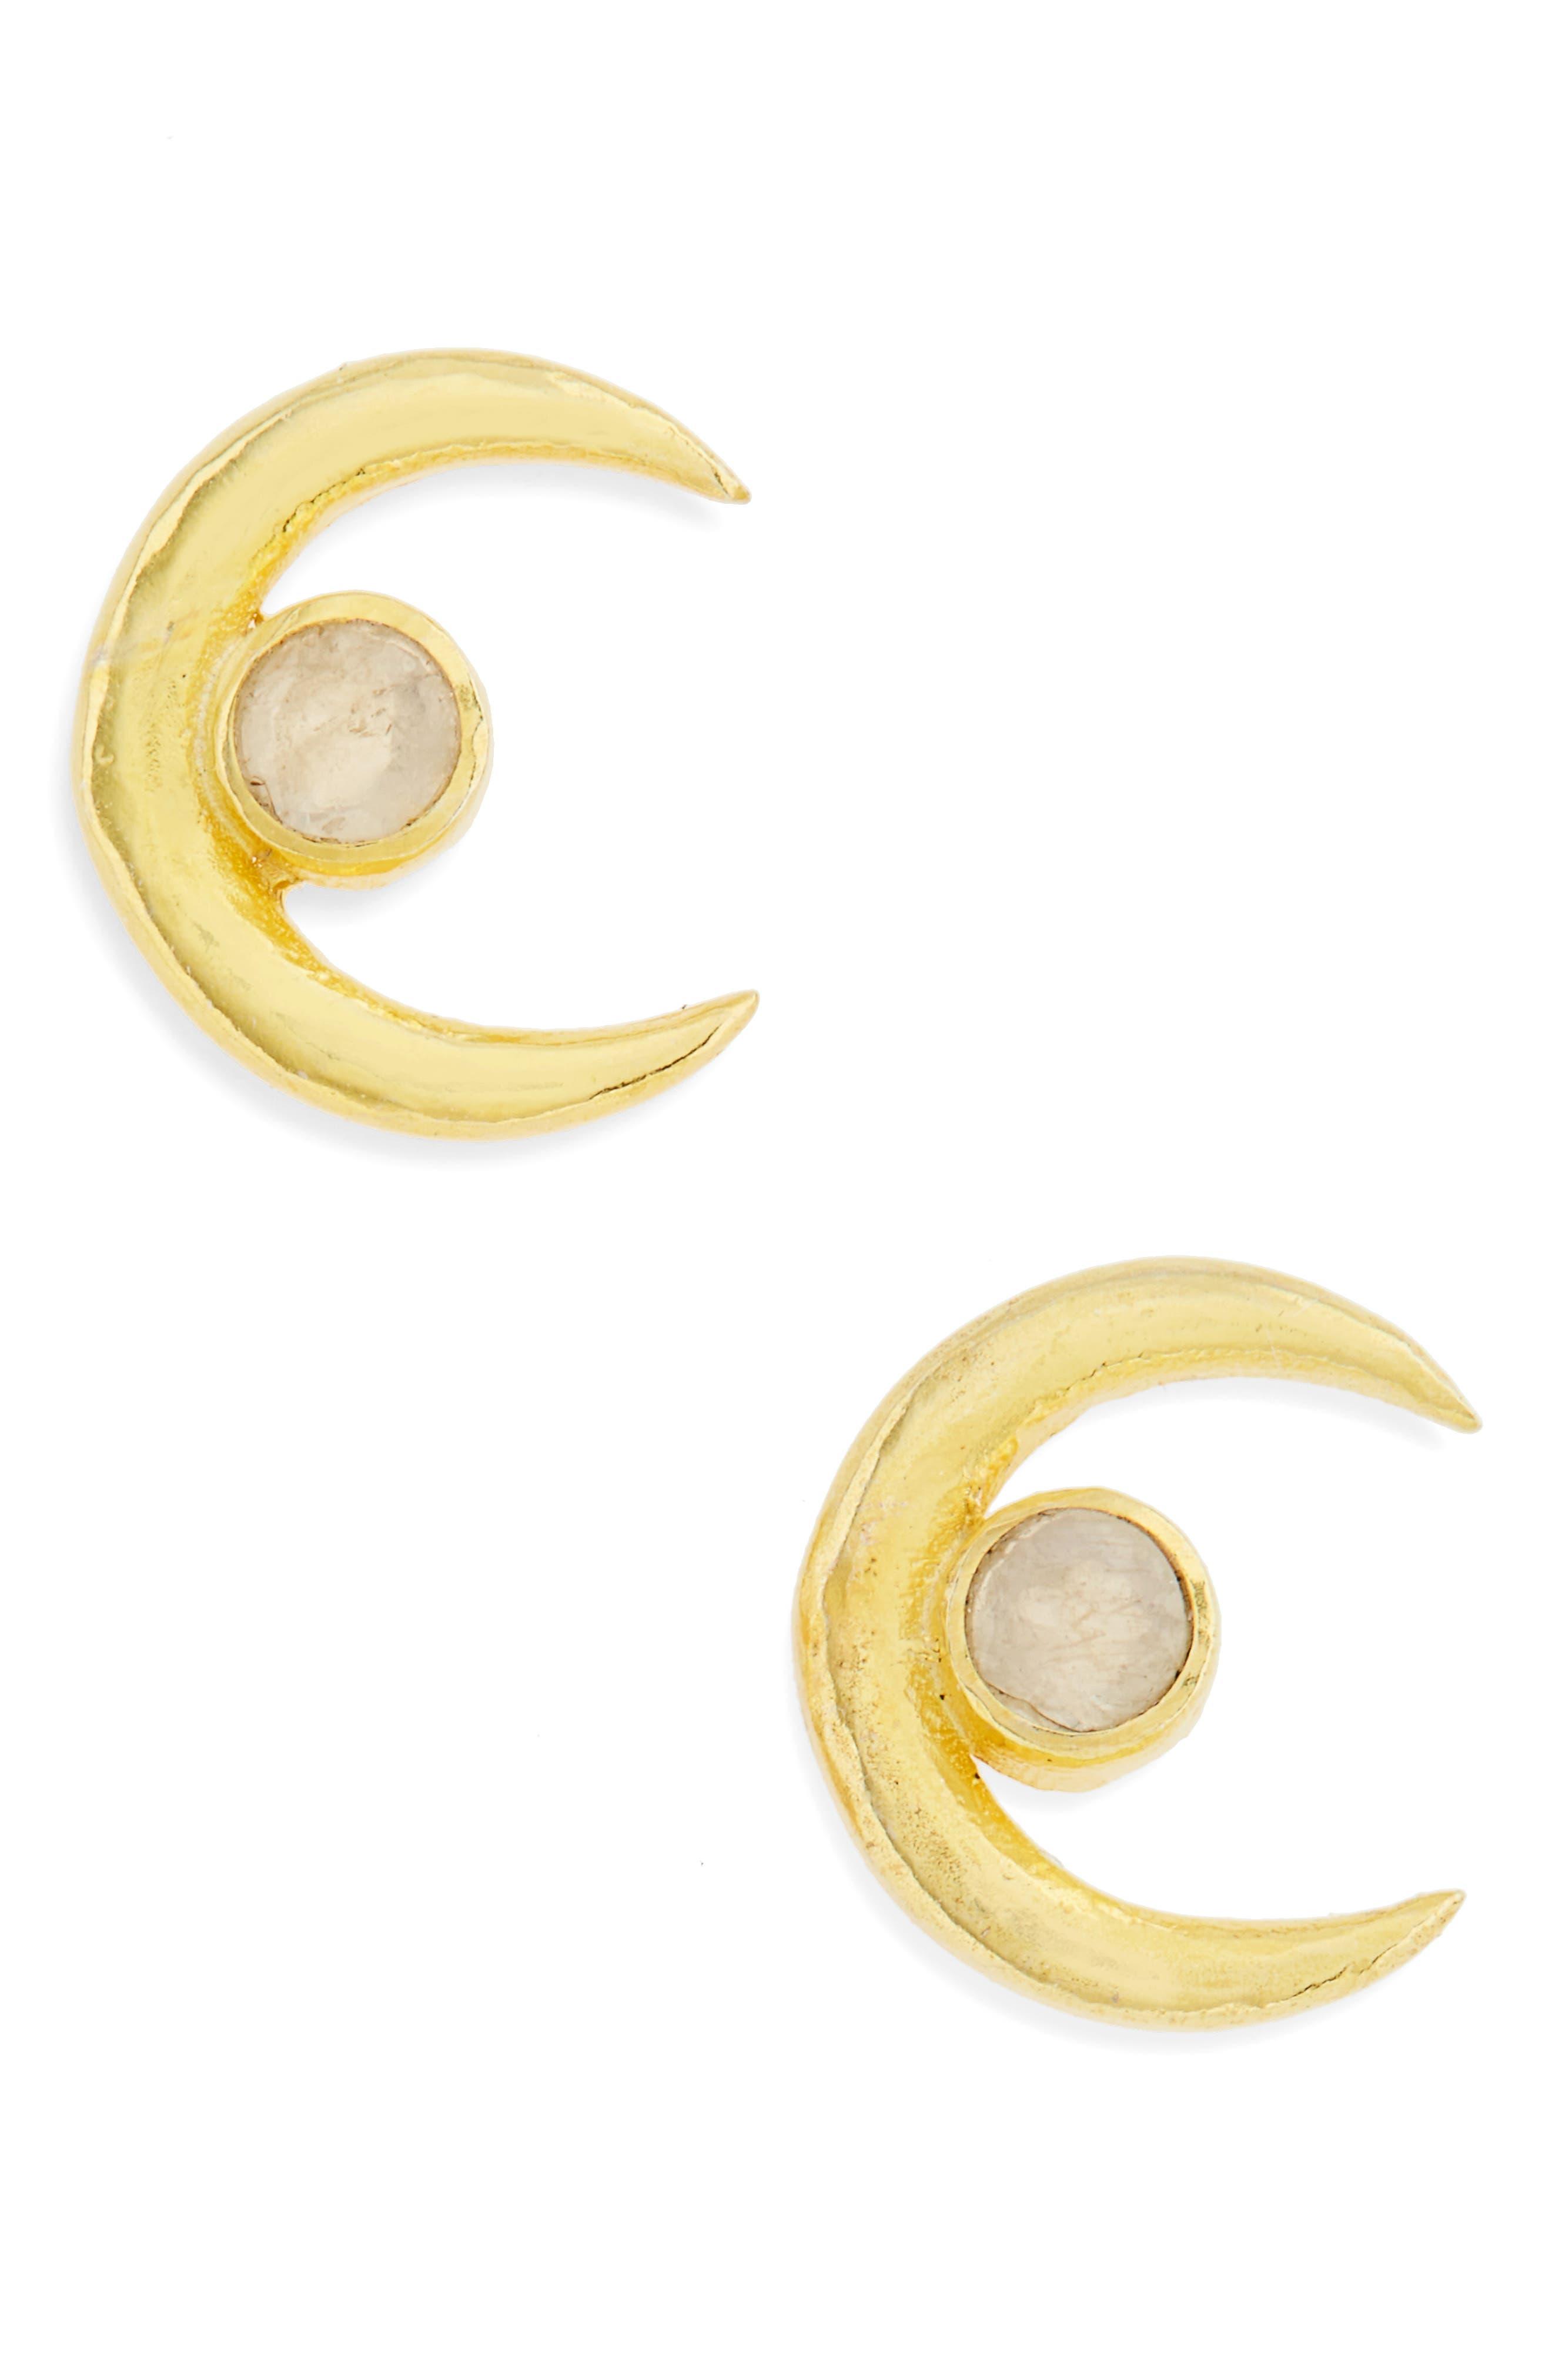 Karen London Crescent Stud Earrings